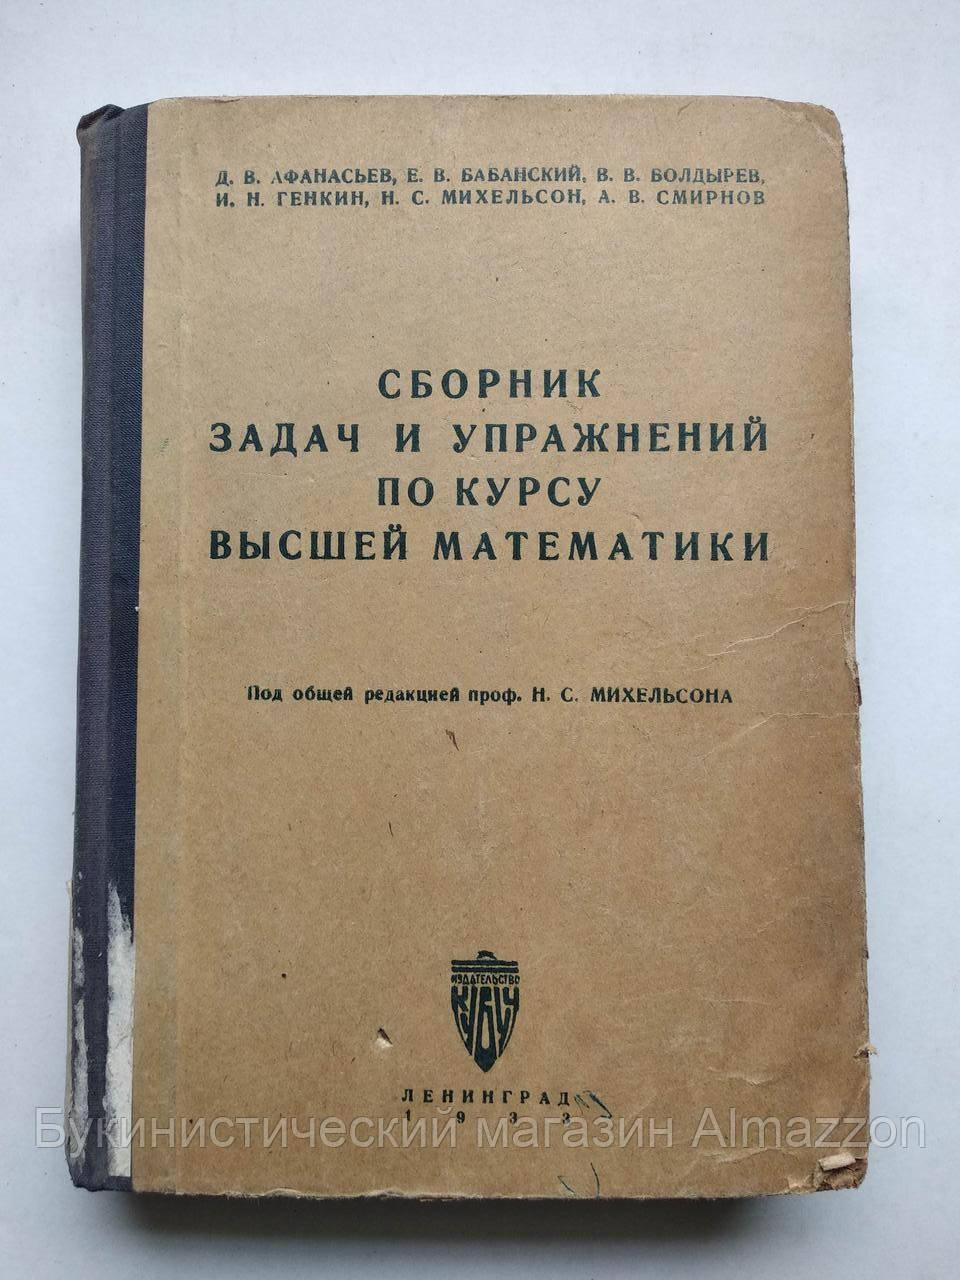 Сборник задач и упражнений по курсу высшей математики Н.С.Михельсон